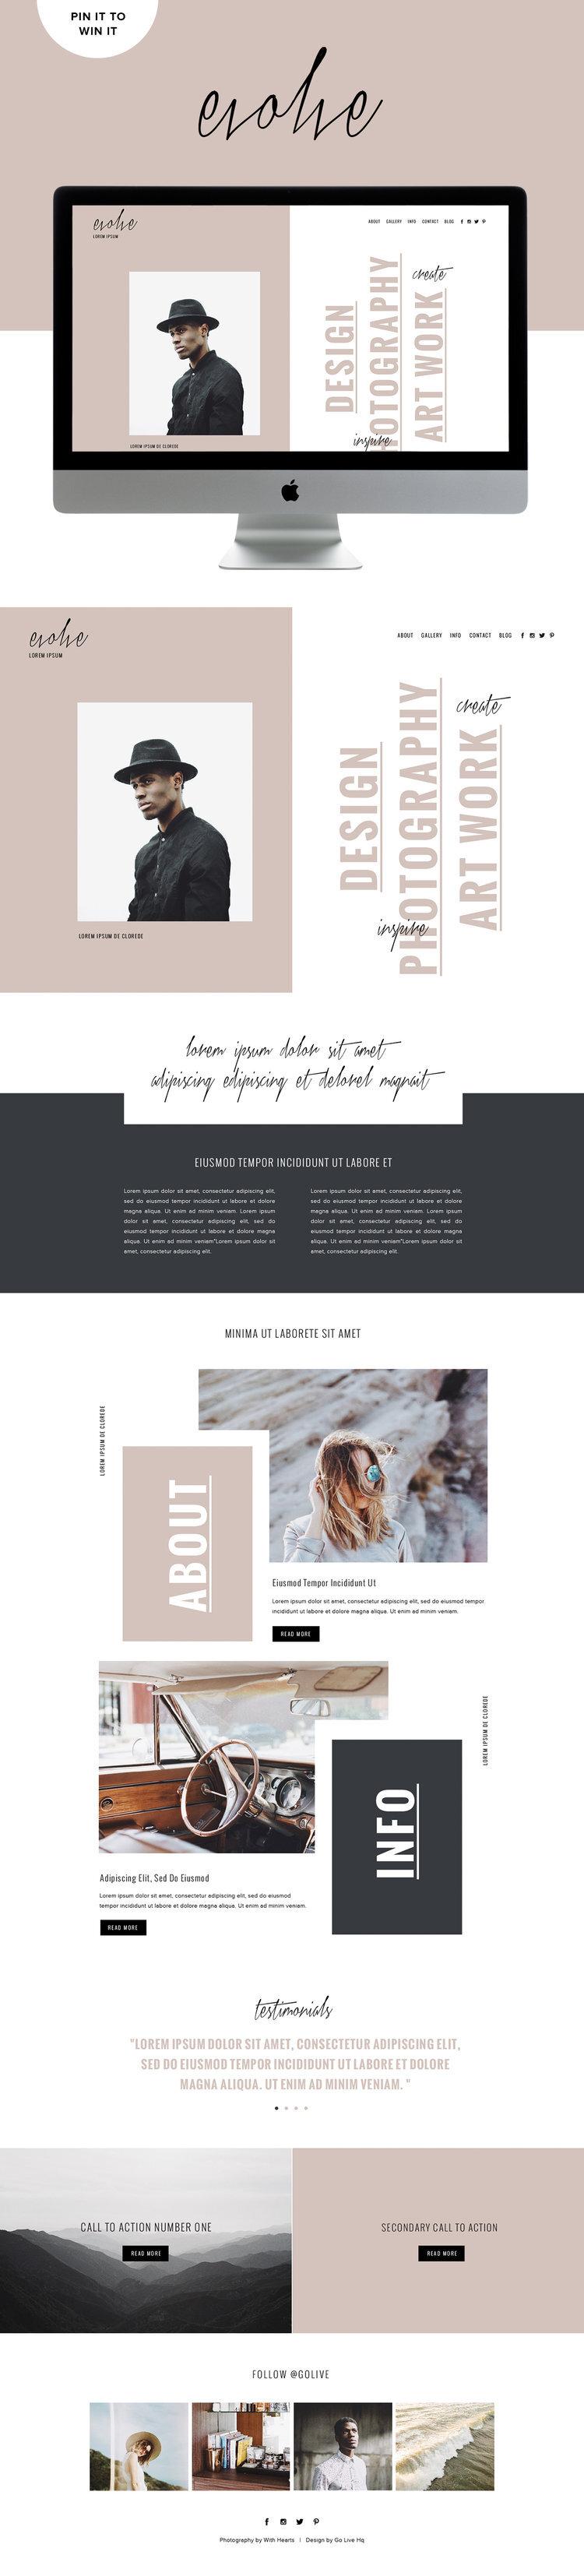 evolve+squarespace+&+showit+website+design+by+golivehq.jpg